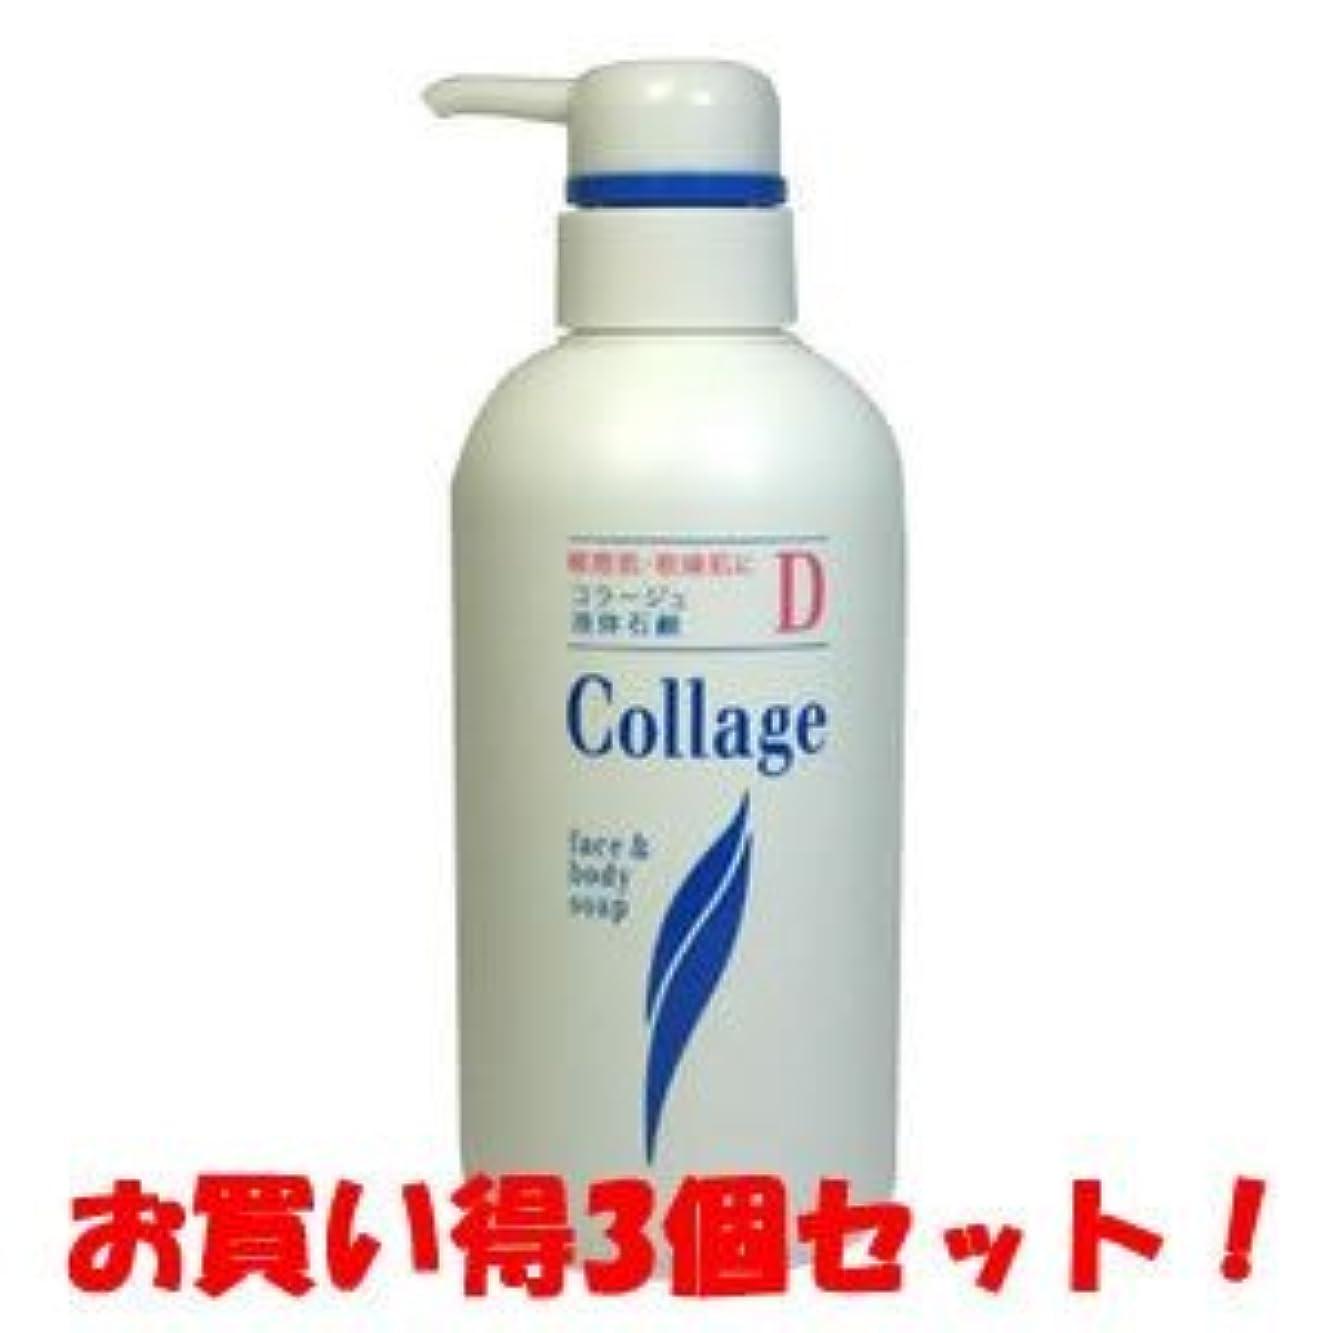 ガラス項目盗難(持田ヘルスケア)コラージュD 液体石鹸 敏感肌?乾燥肌 400ml(お買い得3個セット)